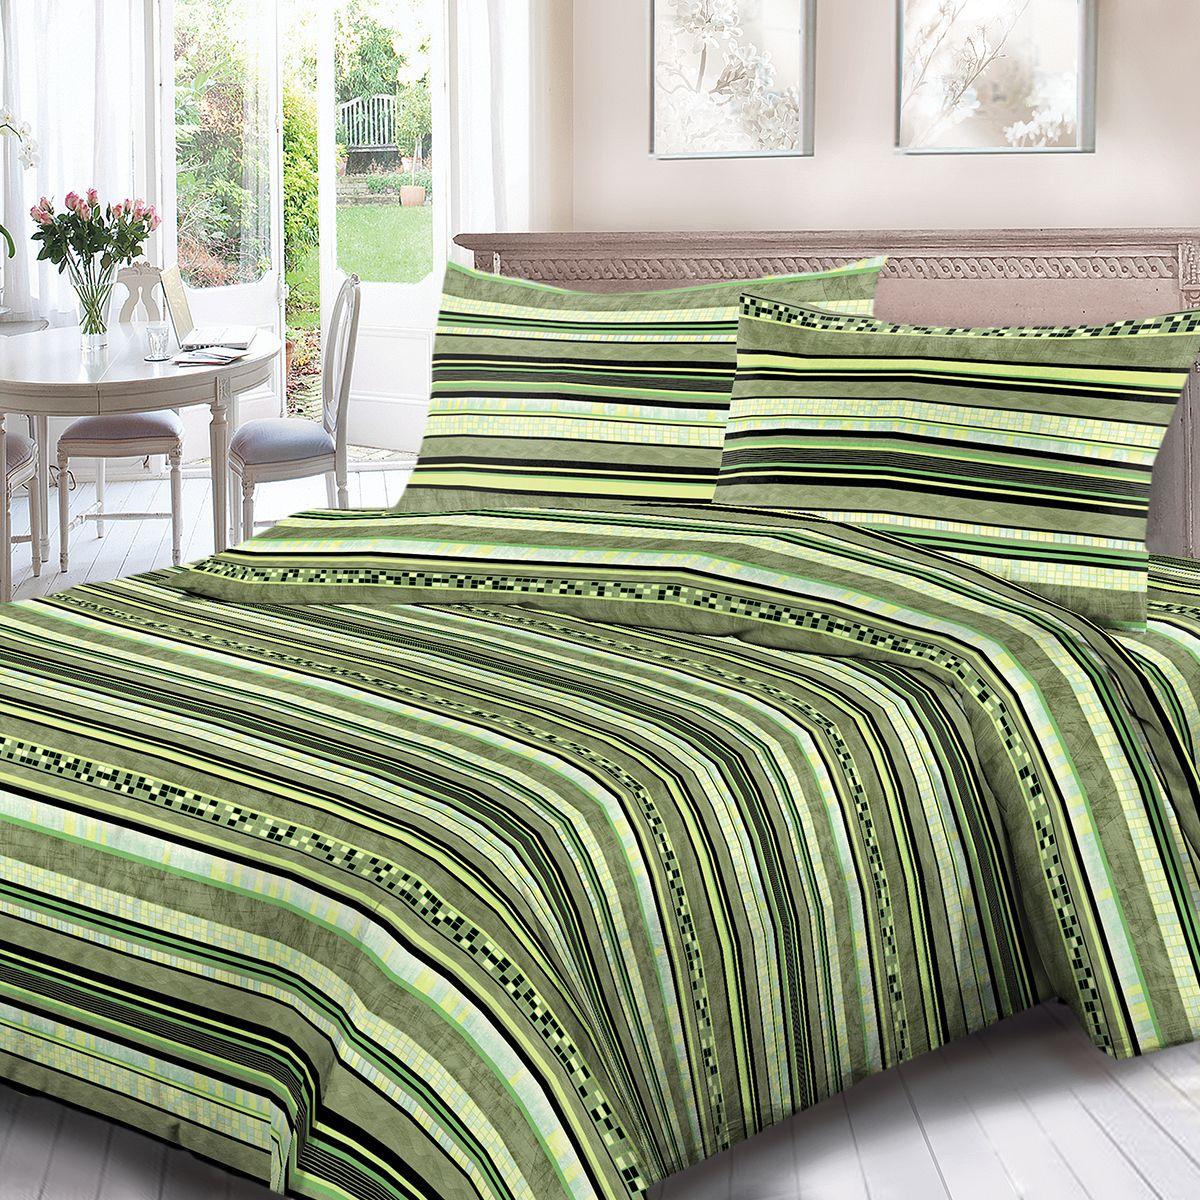 Комплект белья Для Снов Шанталь, 1,5 спальное, наволочки 70x70, цвет: зеленый. 1680-181959